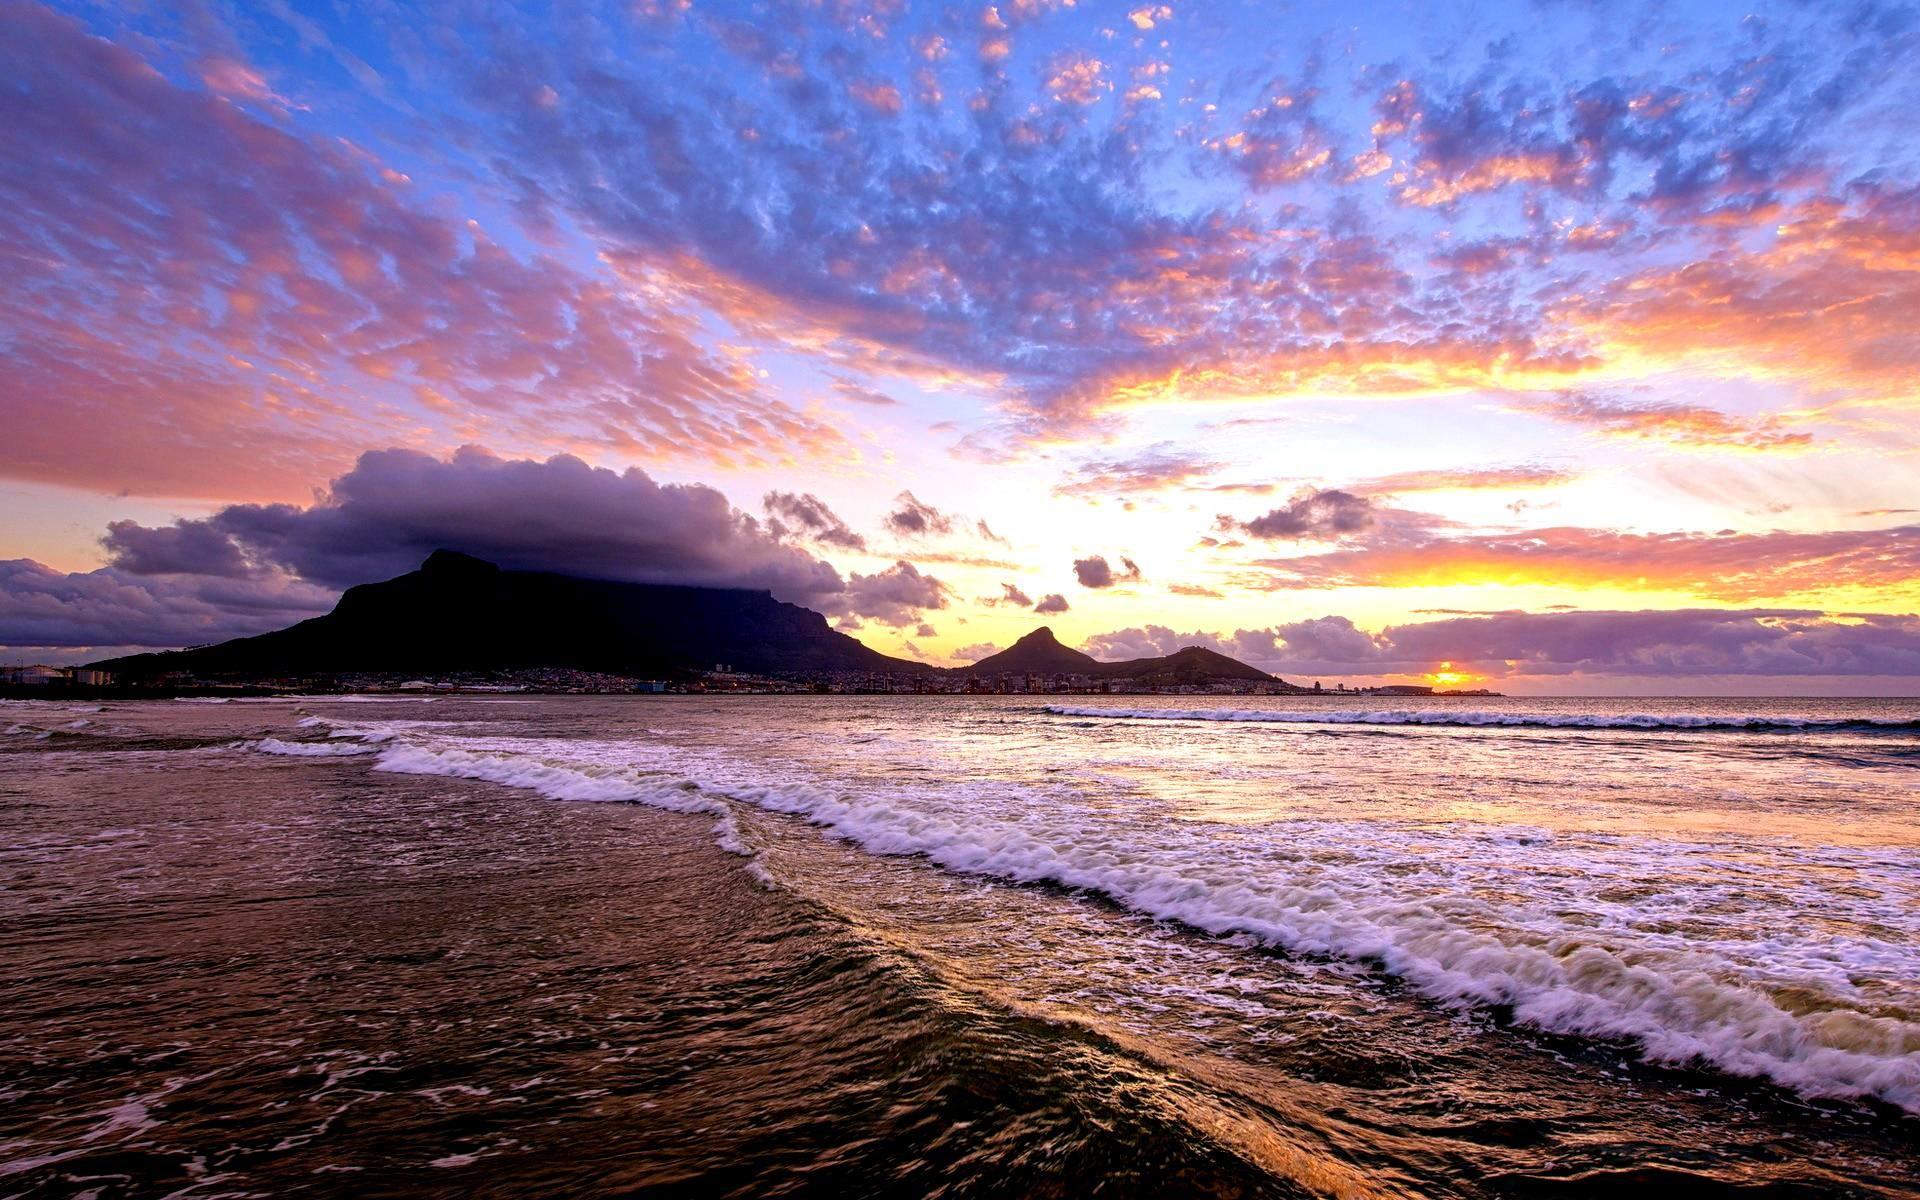 Ocean Views Wallpaper 68 Pictures